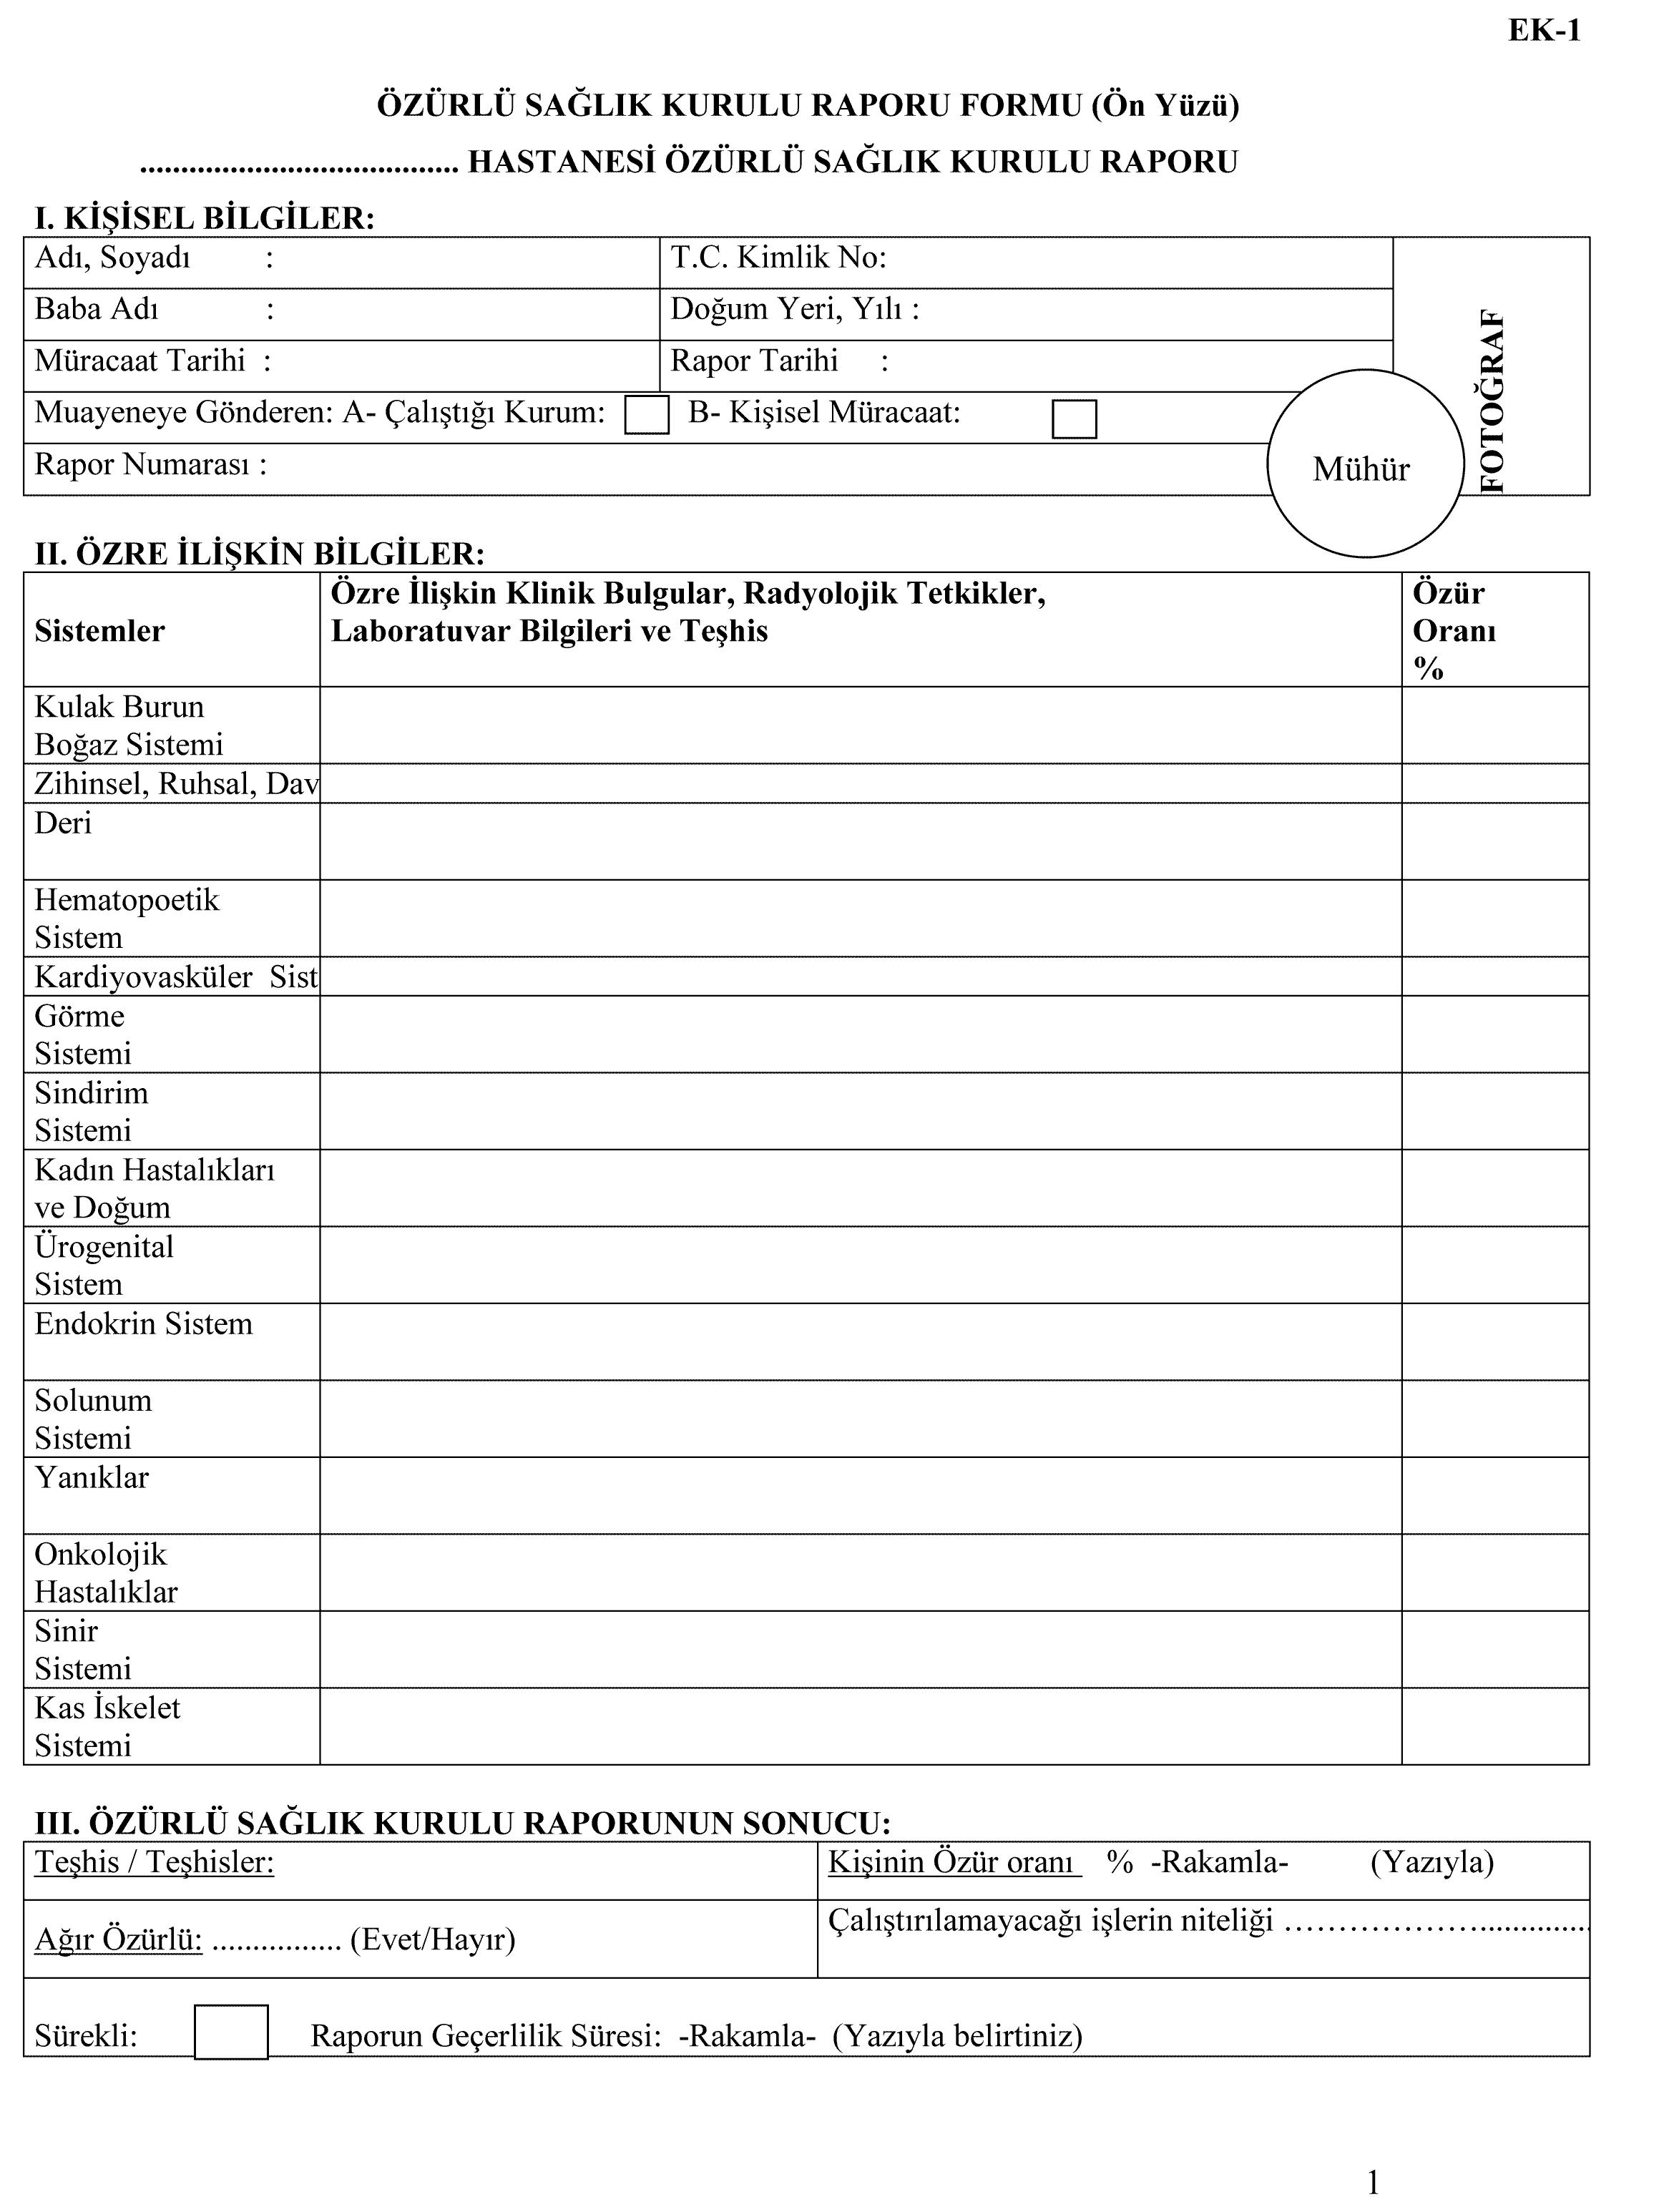 Özürlü sağlik kurulu raporu formu arka yüzü